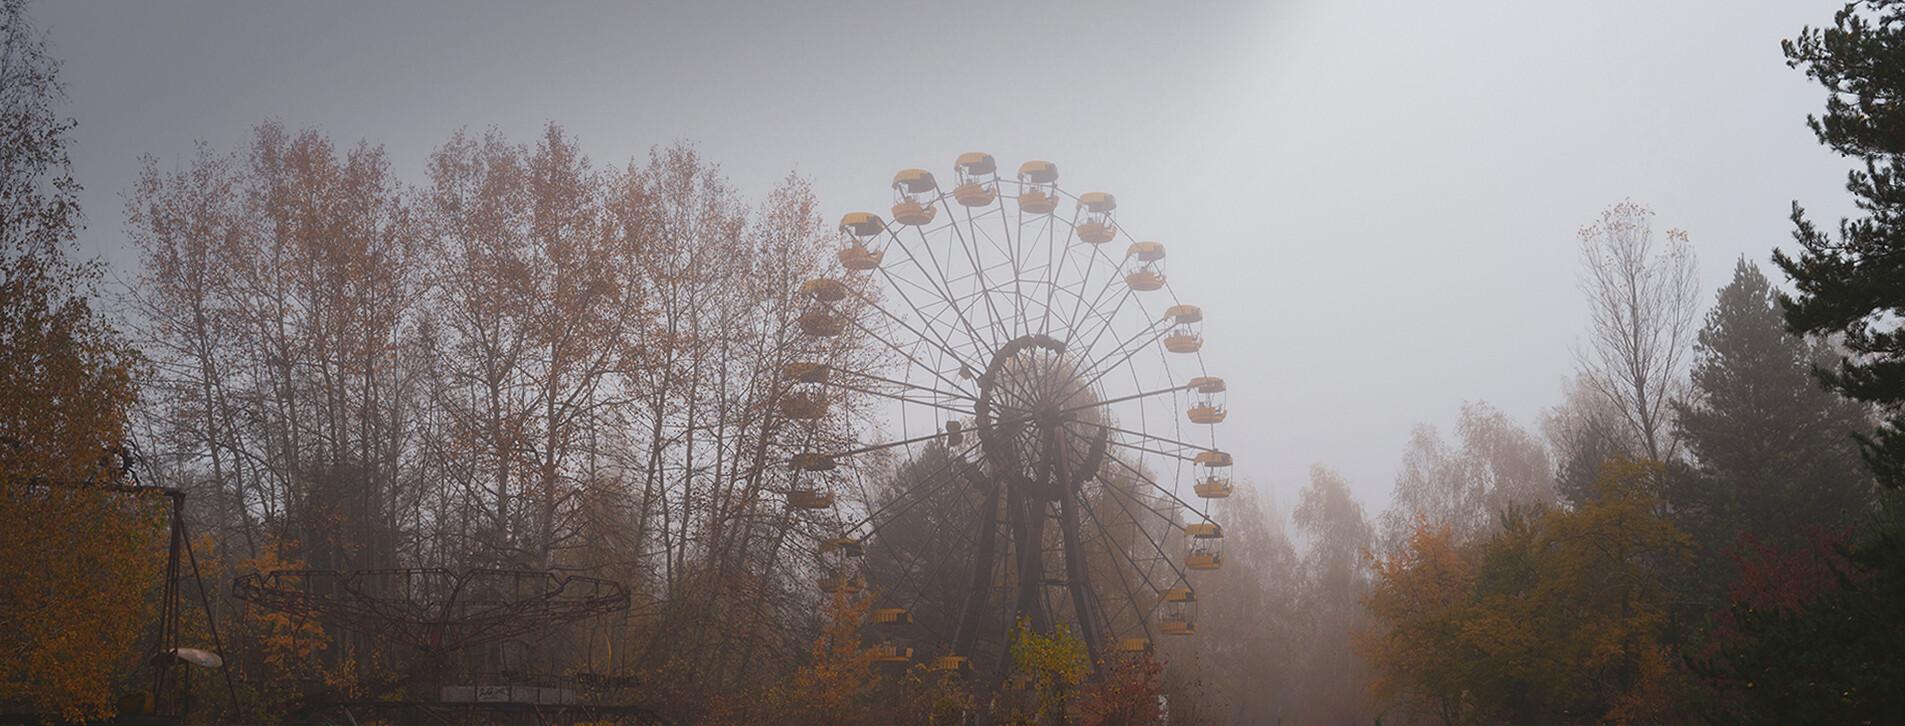 Фото 1 - Индивидуальный тур в Чернобыль